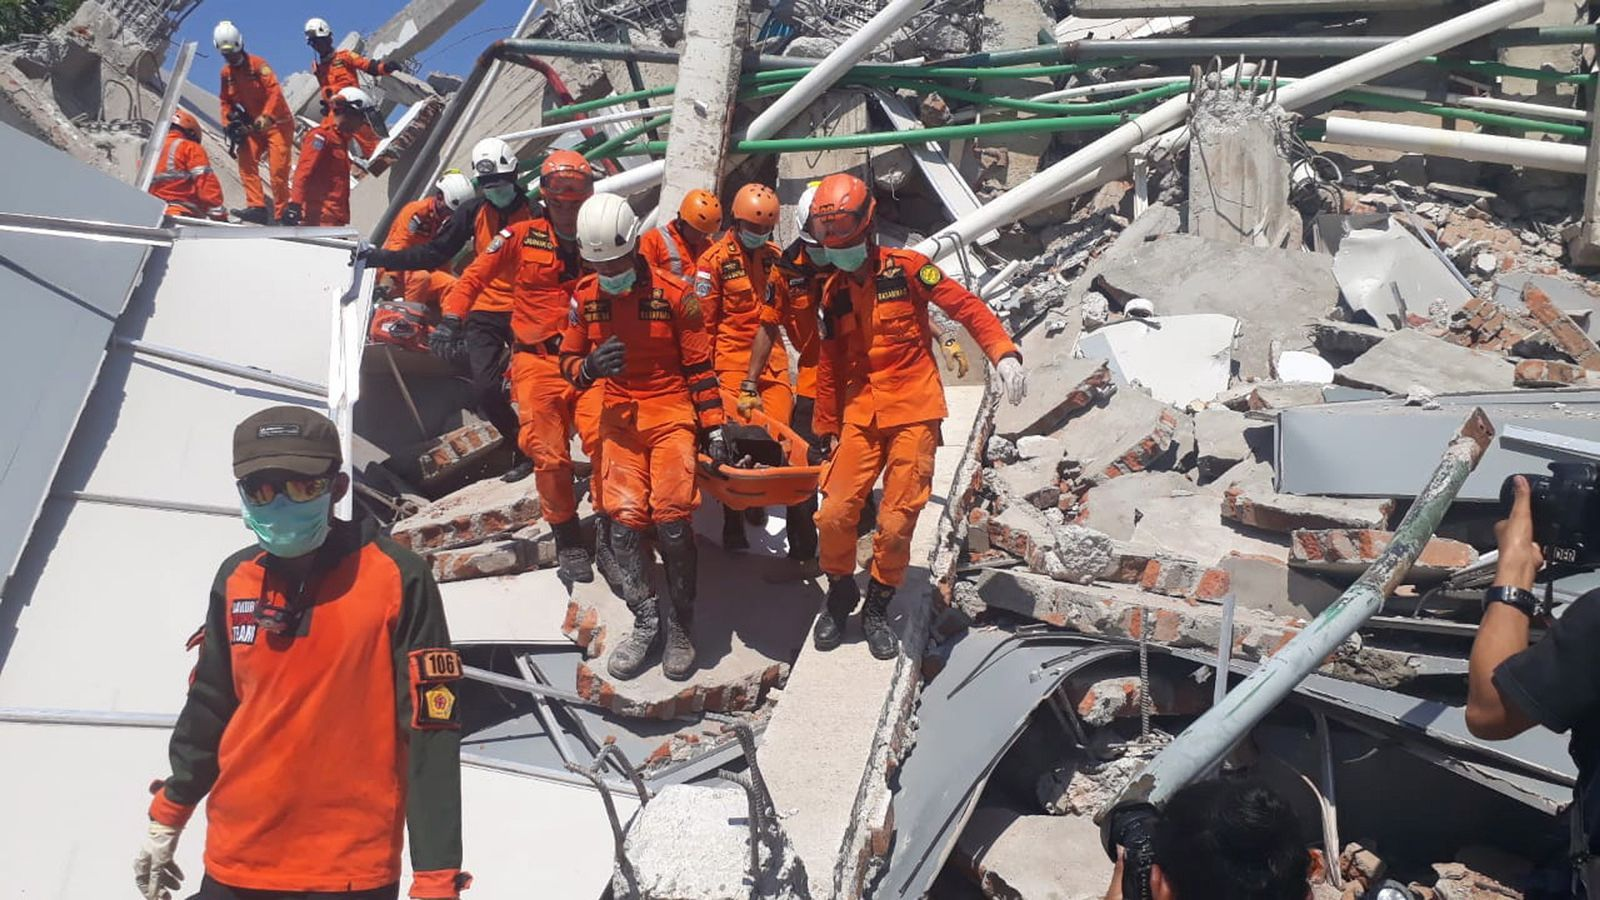 """Les autoritats indonèsies admeten que els morts poden ser """"milers"""""""